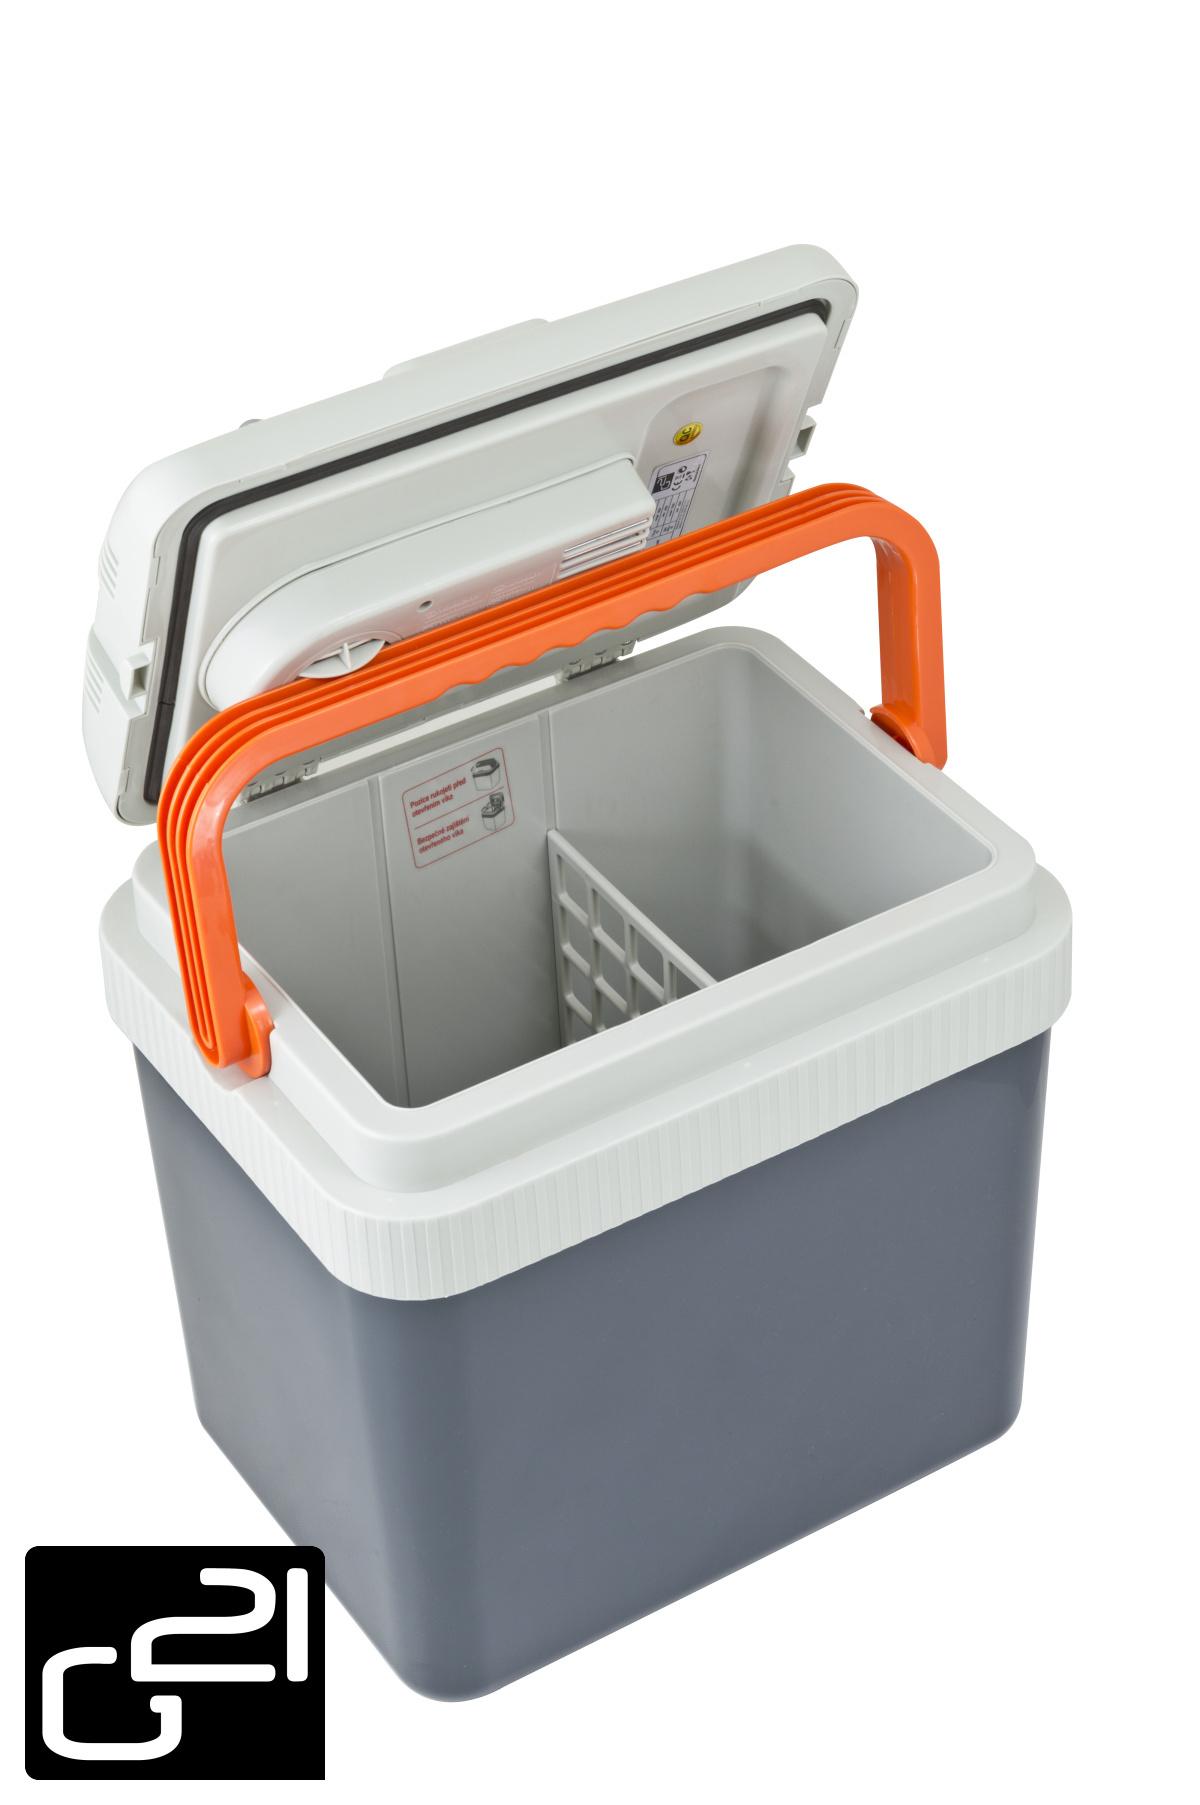 Autochladnička G21 C&W 24 litrů , 12/230 V